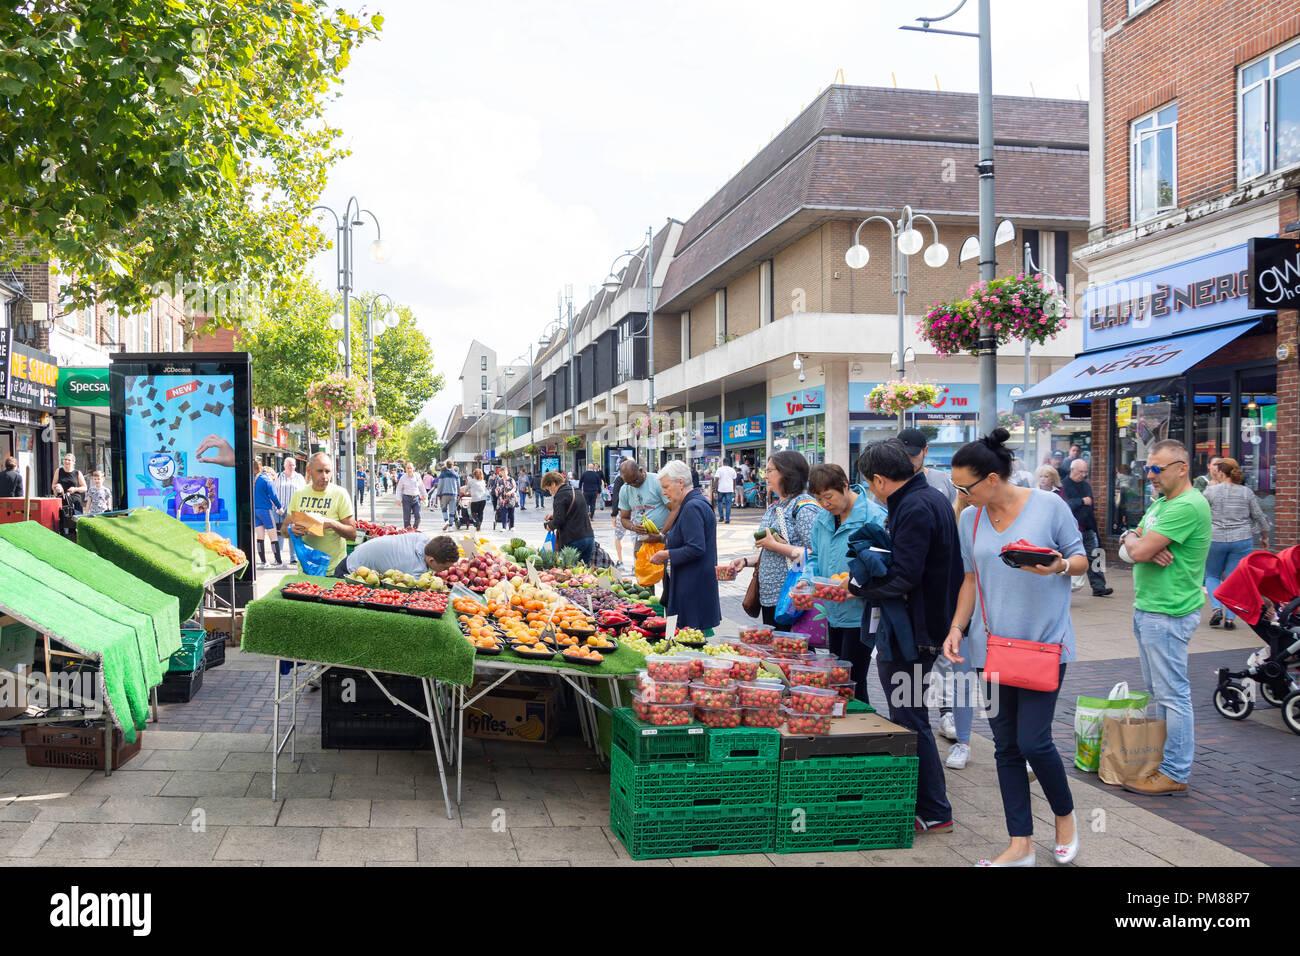 Pressione di stallo di frutta, il Broadway, Bexleyheath, London Borough of Bexley, Greater London, England, Regno Unito Immagini Stock